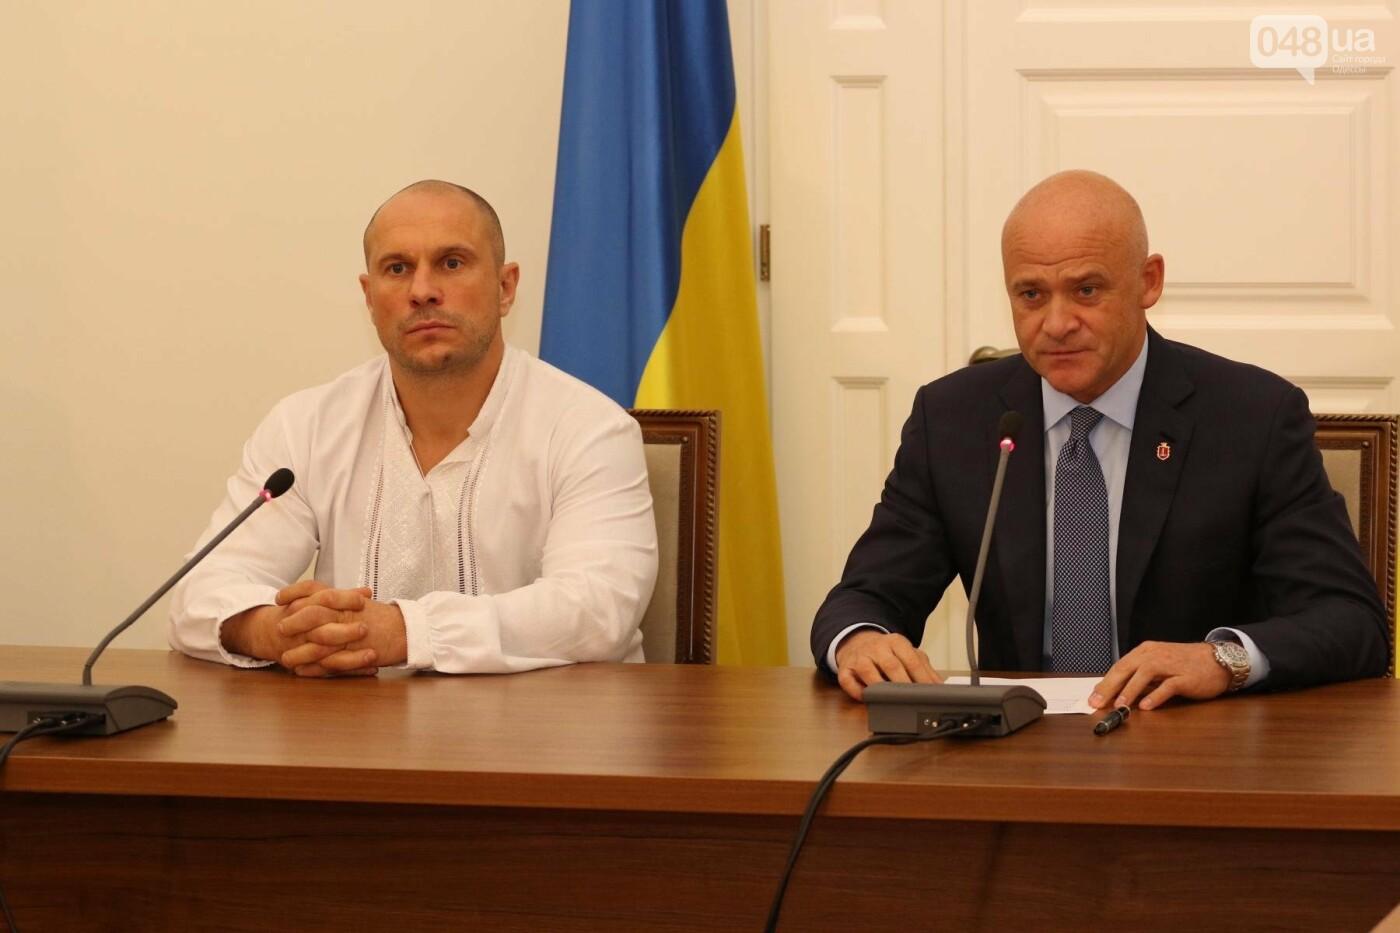 Переобулись в воздухе: ТОП самых противоречивых политиков Одессы (ФОТО), фото-1